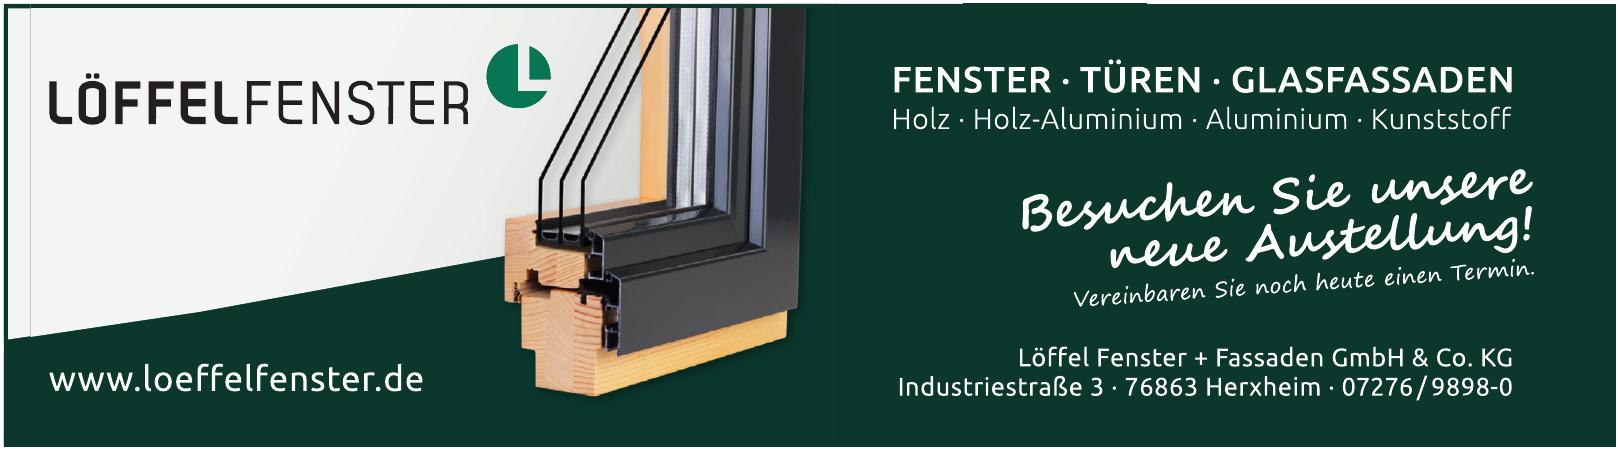 Löffel Fenster + Fassaden GmbH & Co. KG